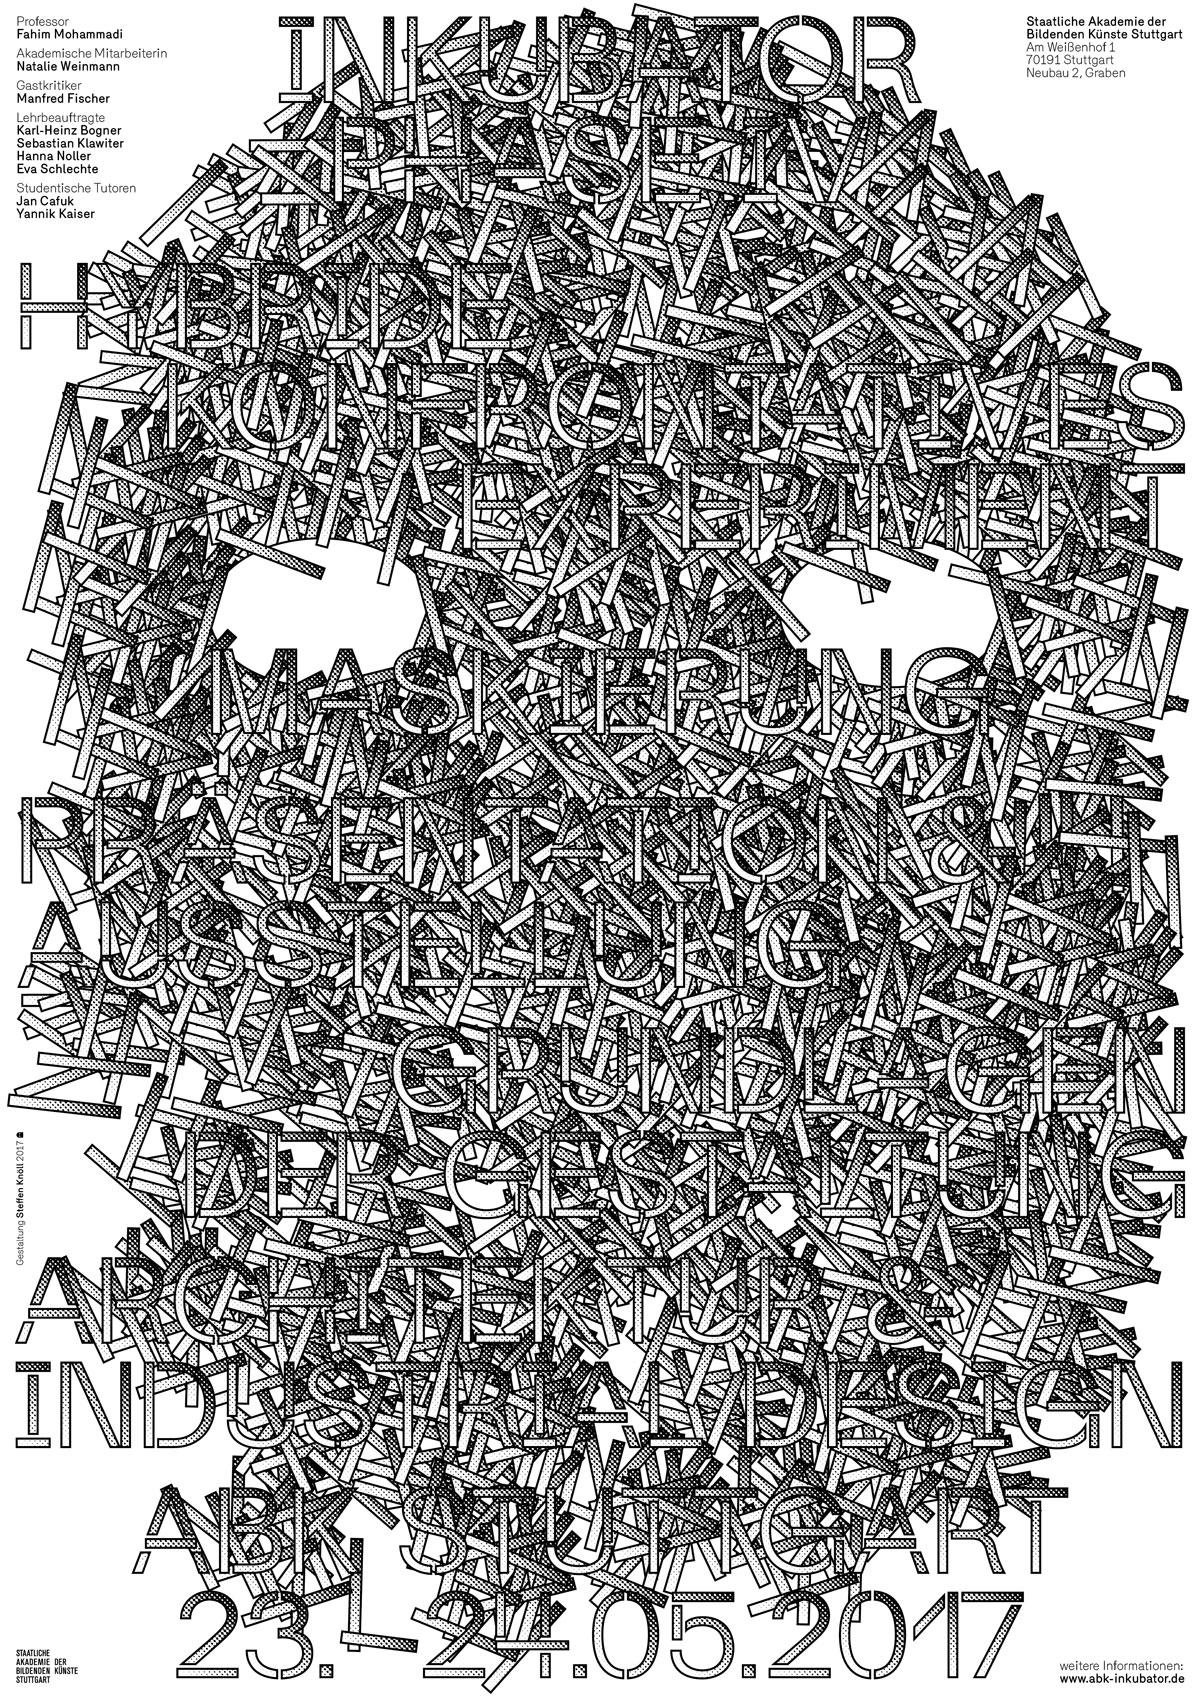 Abb.: Plakat (Gestaltung: Steffen Knöll)